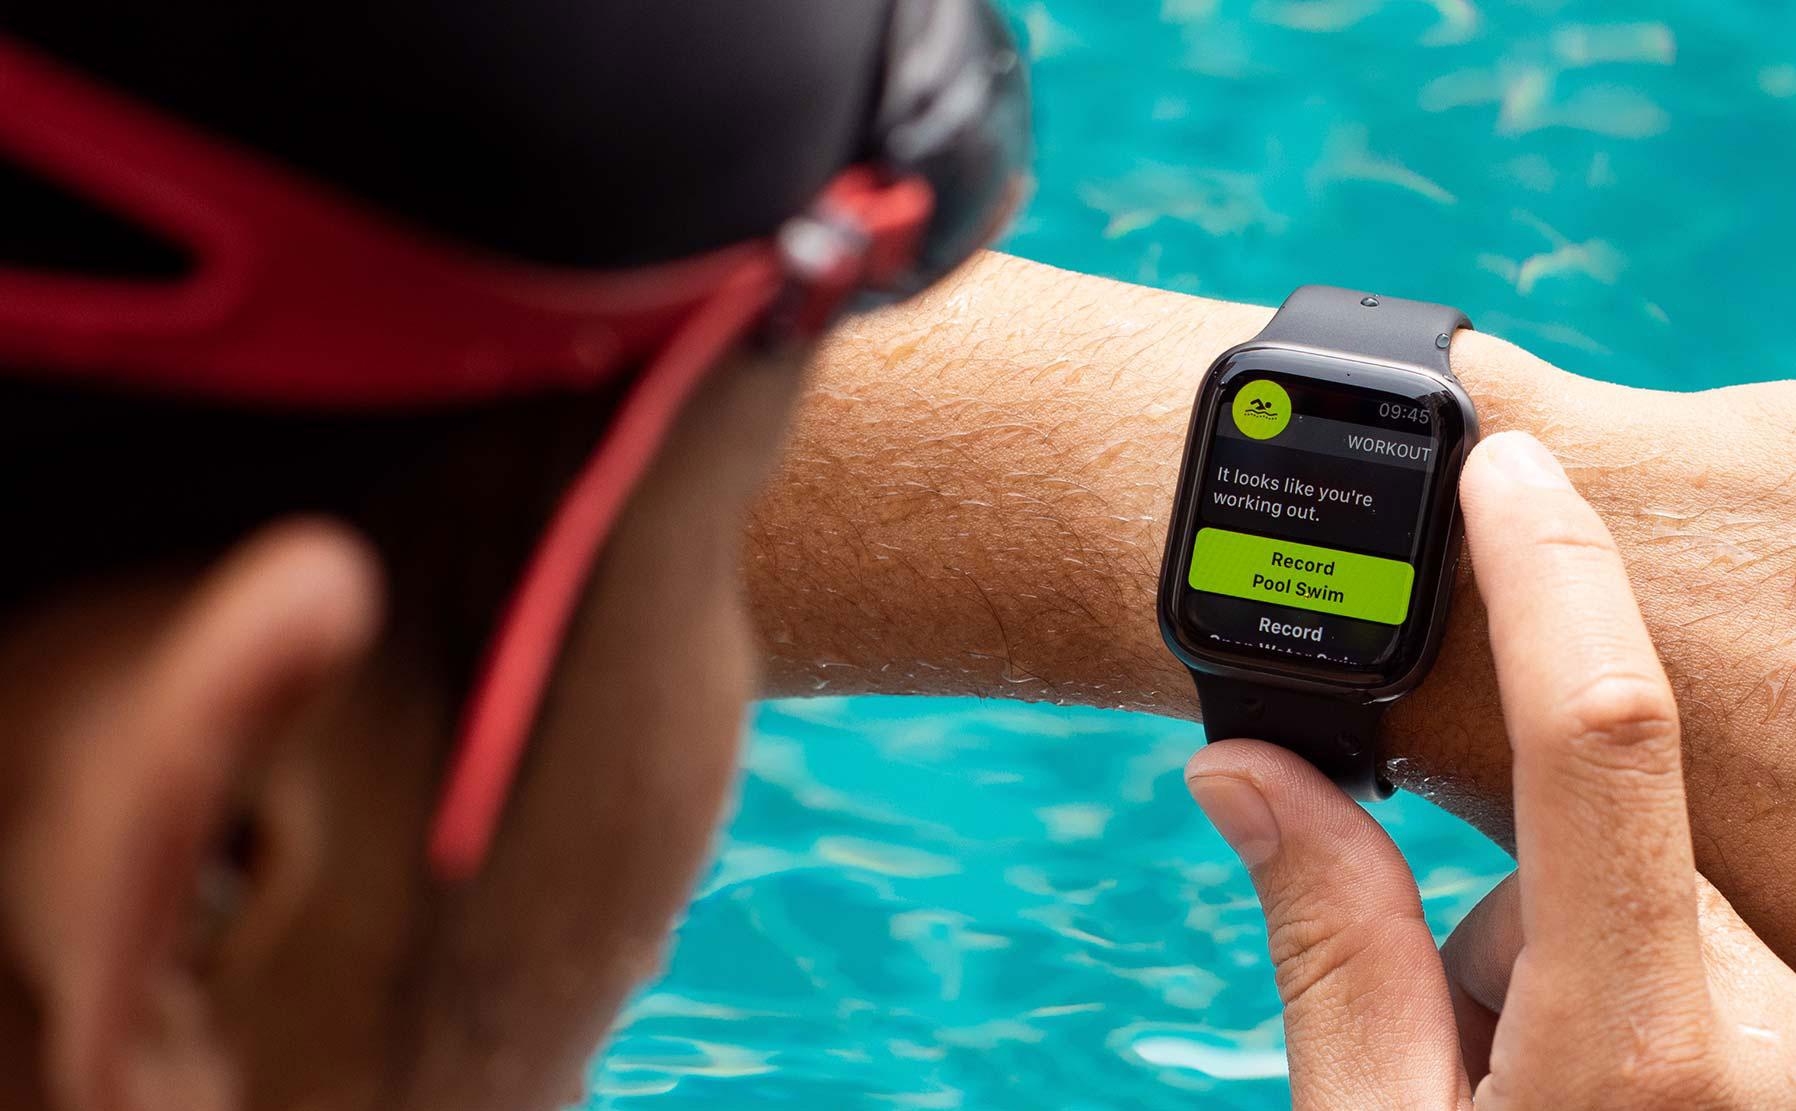 Đánh giá chi tiết Apple Watch Series 4: Cuộc lột xác ngoạn mục | Tinh tế